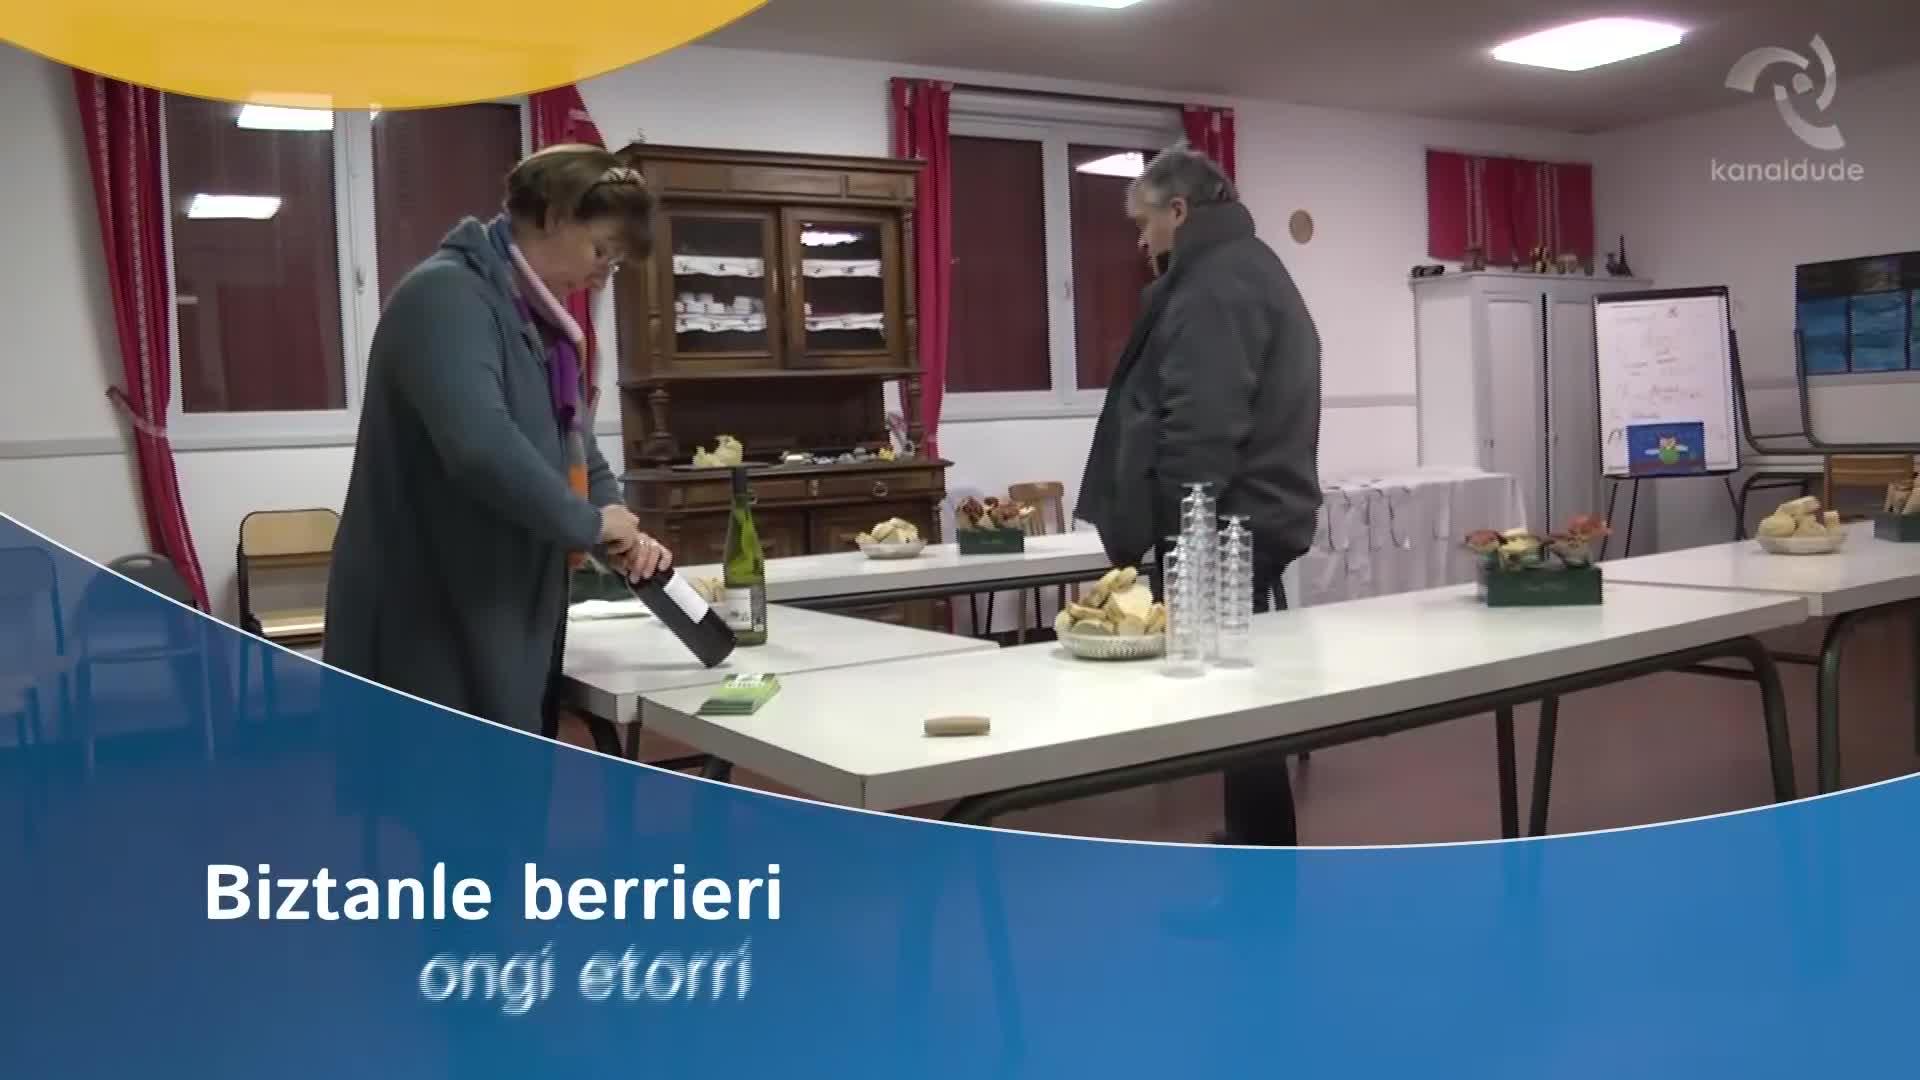 AIBA: Biztanle berrieri ongi etorri